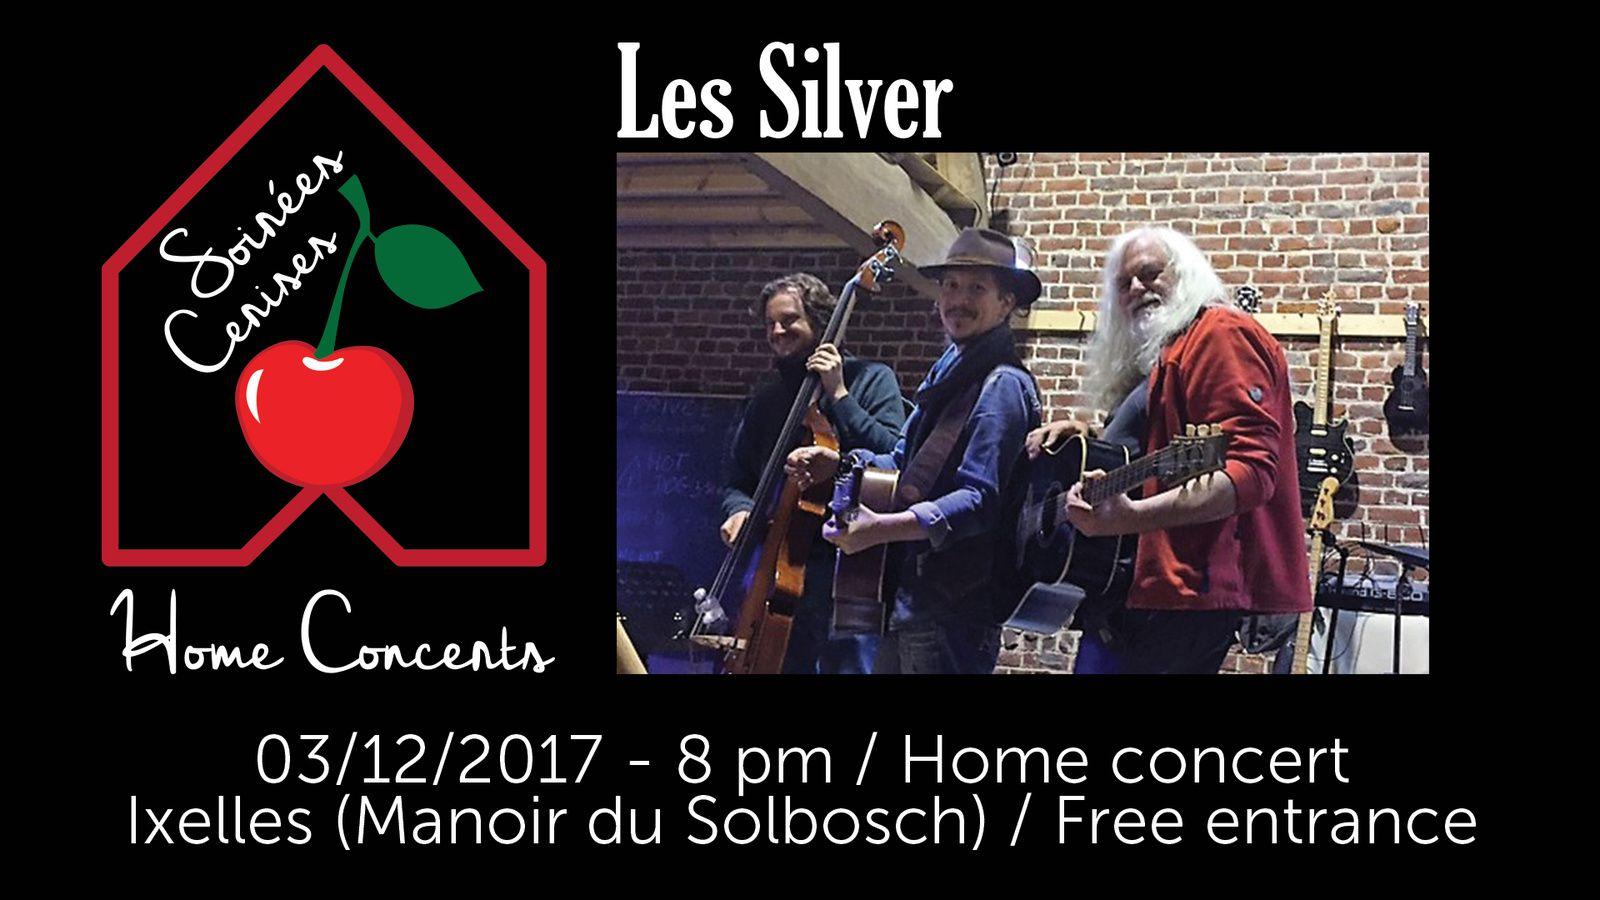 ▶ Concert en appartement avec les Silver (trio acoustique de reprises rock années '70) @ Manoir du Solbosch (Ixelles) - 03/12/2017 - 20h00